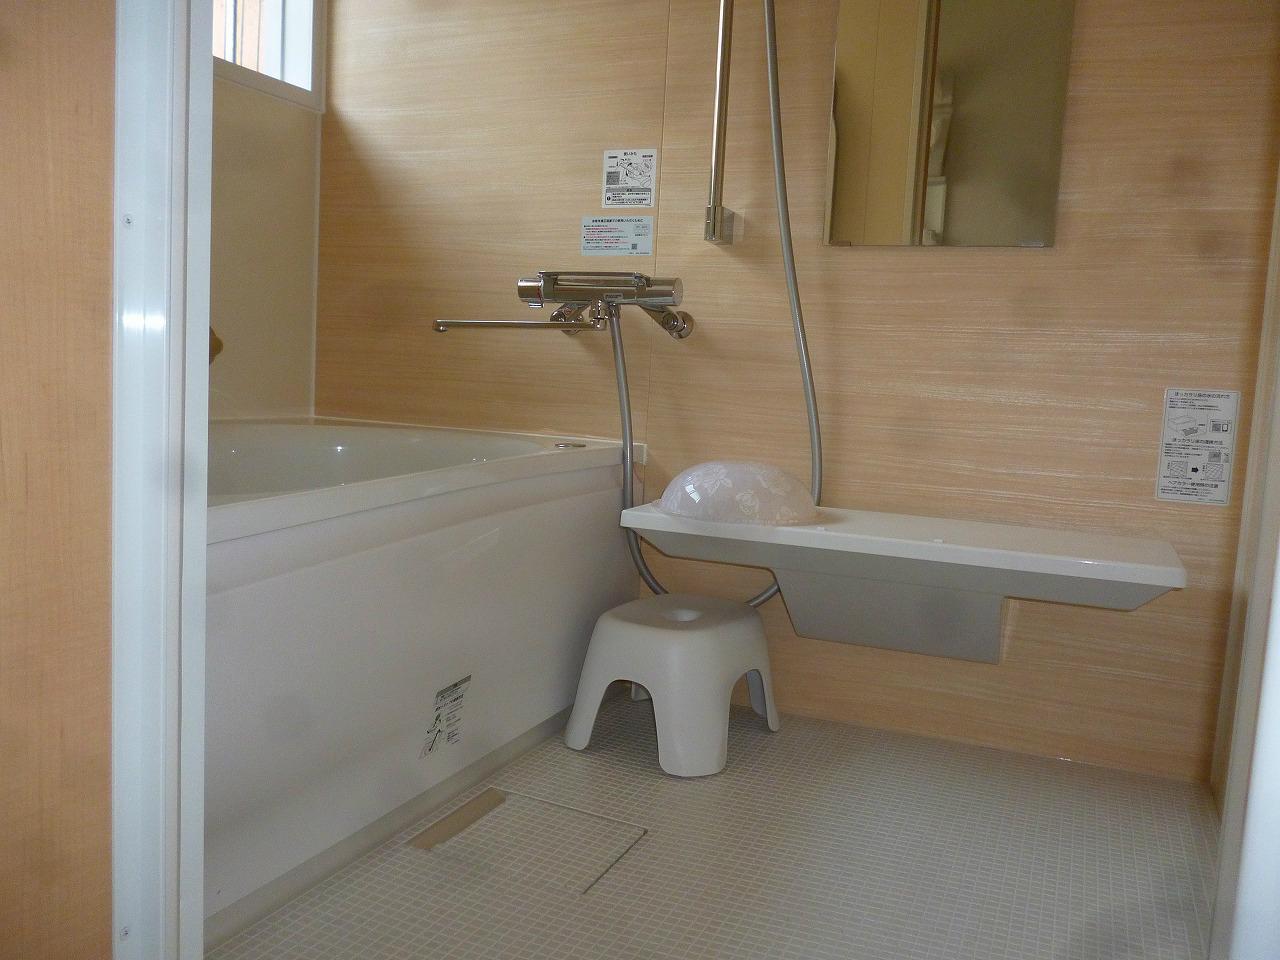 【浴室、洗面、脱衣所、トイレ、内窓取付工事】 半田市 S様邸 2017年5月31日